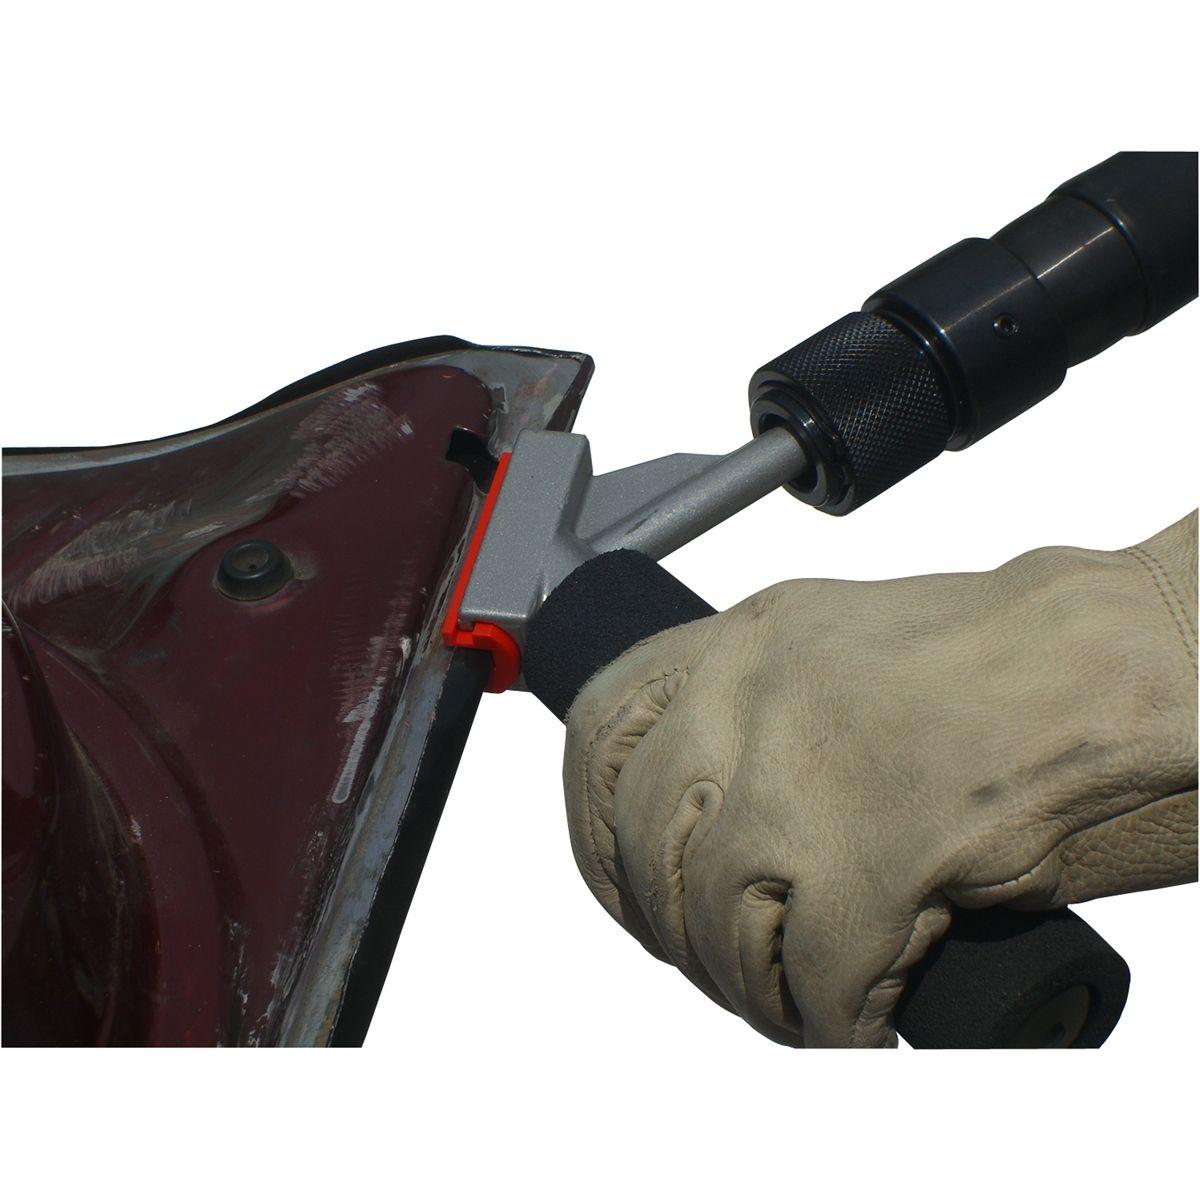 Door Skinnner Tool With Air Hammer Door Skin Tool That Goes Over Body Lines